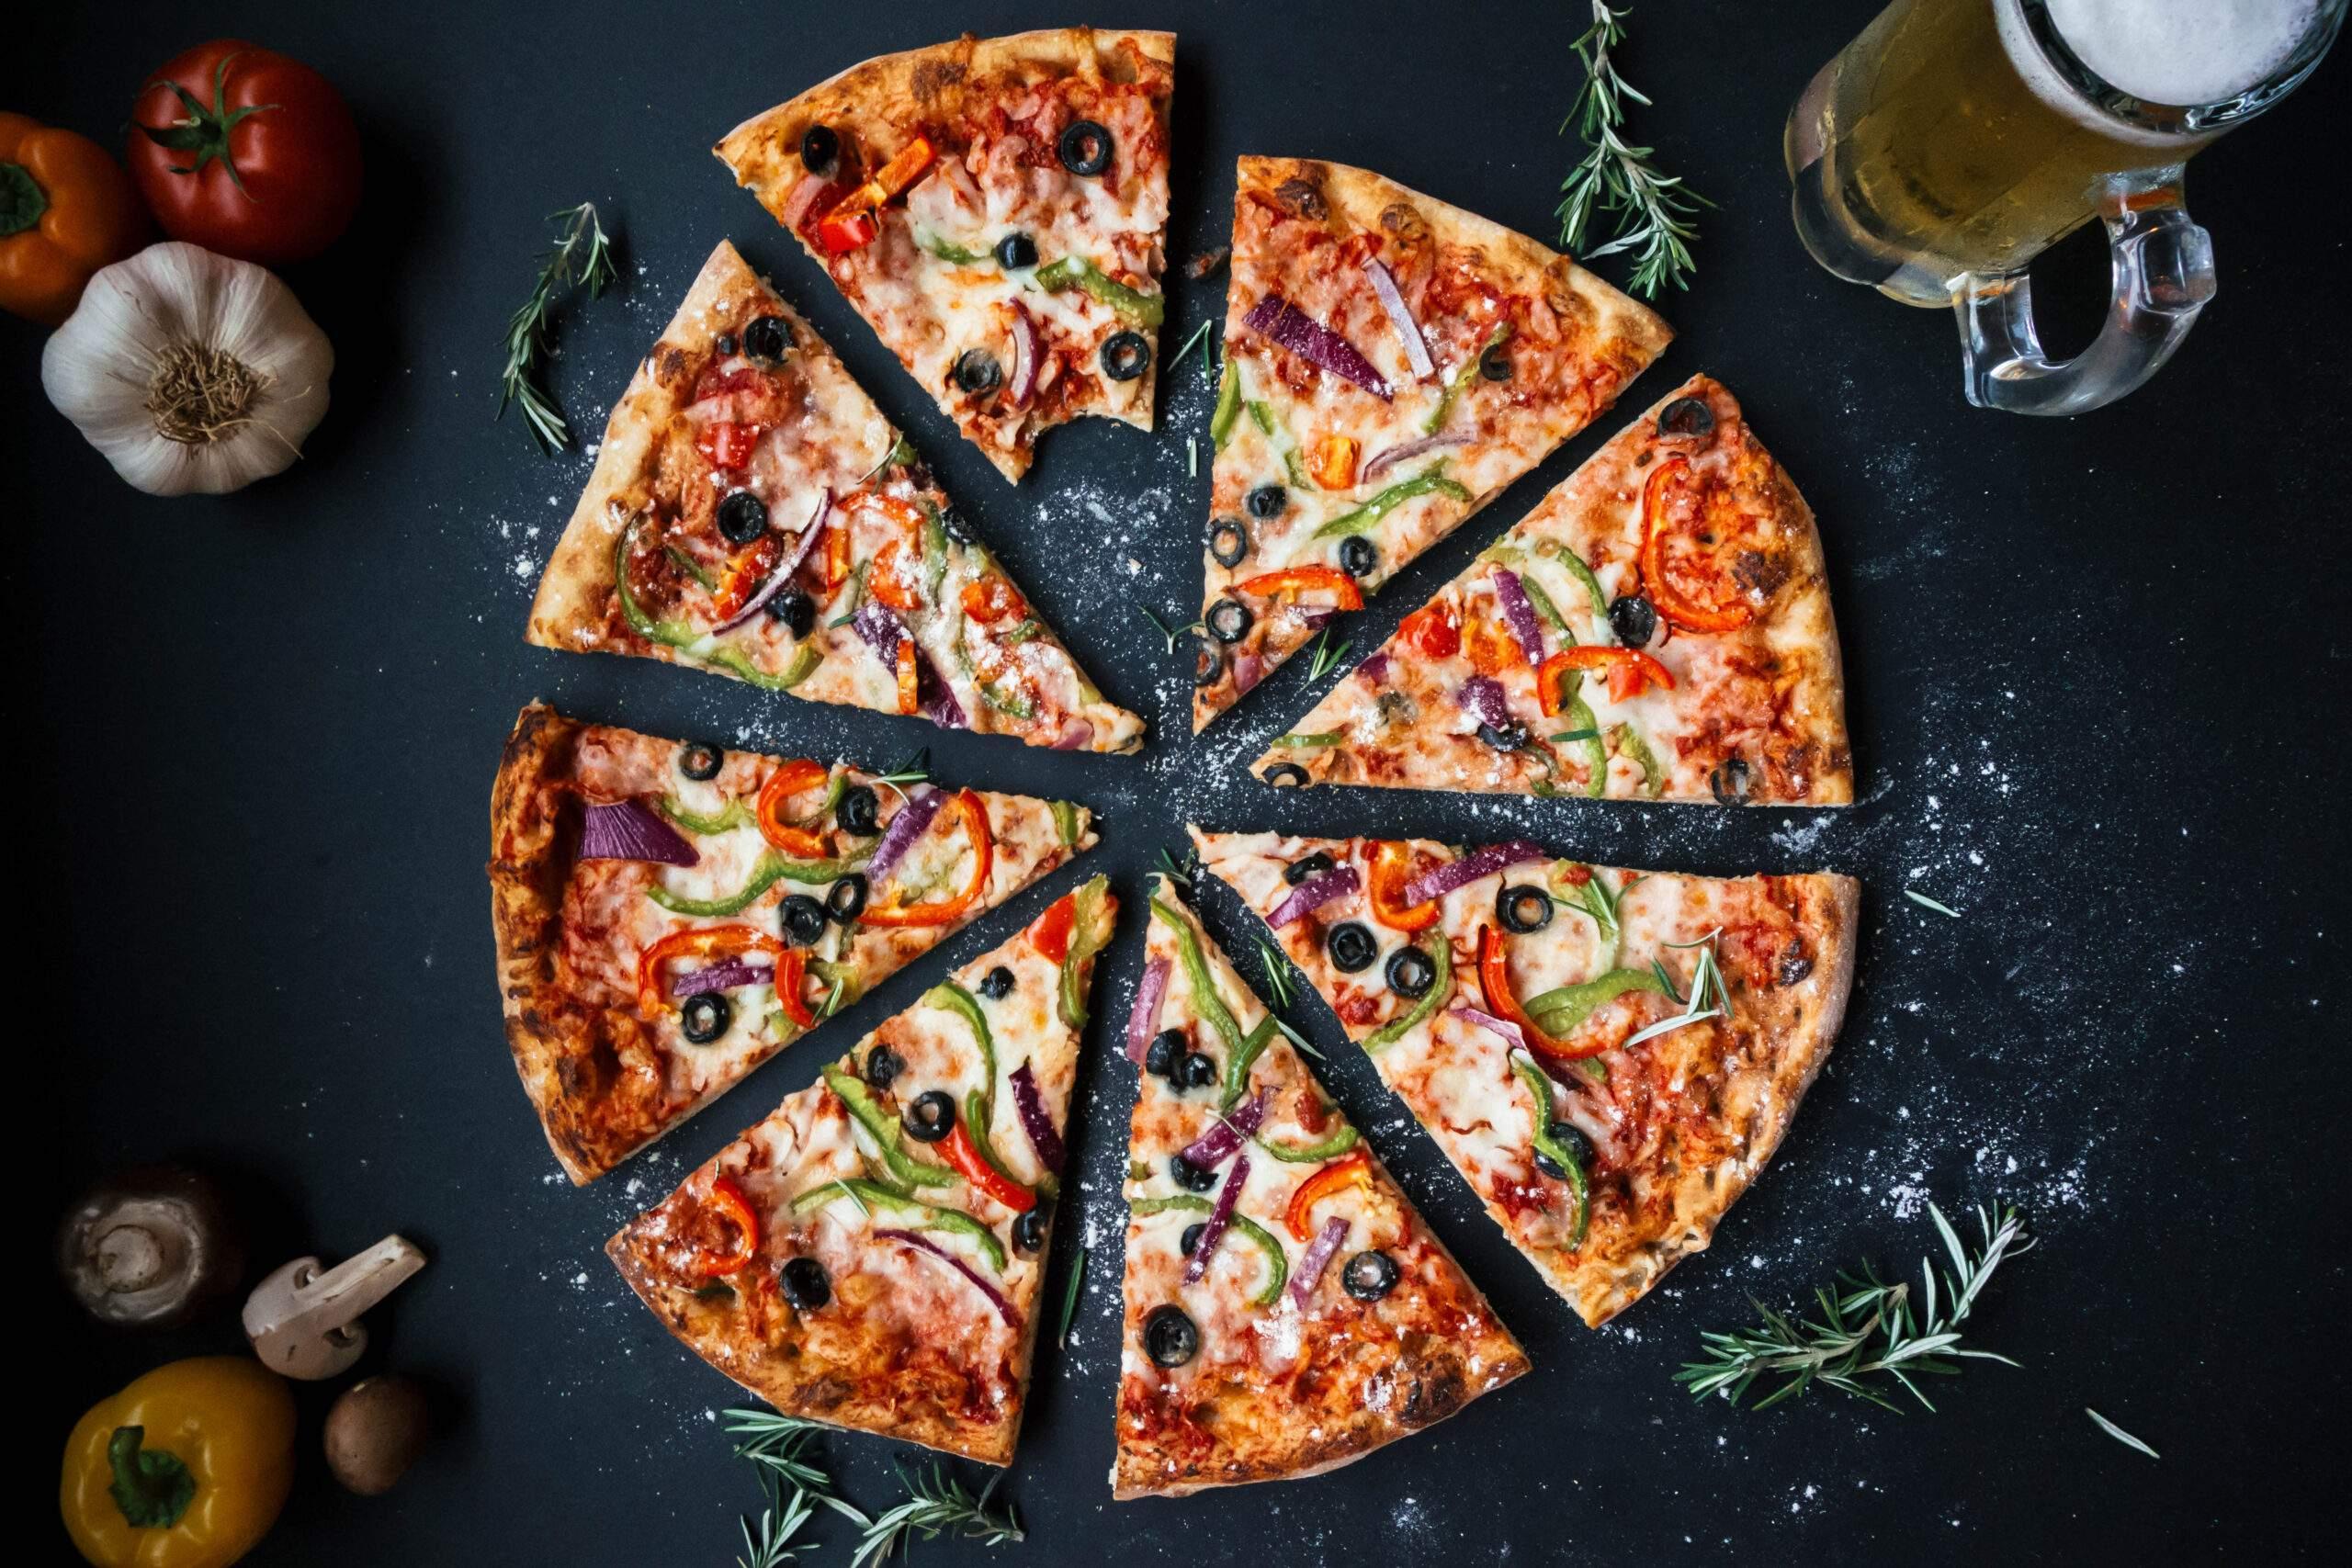 pizza-time-6XP7C2C-scaled Chi siamo